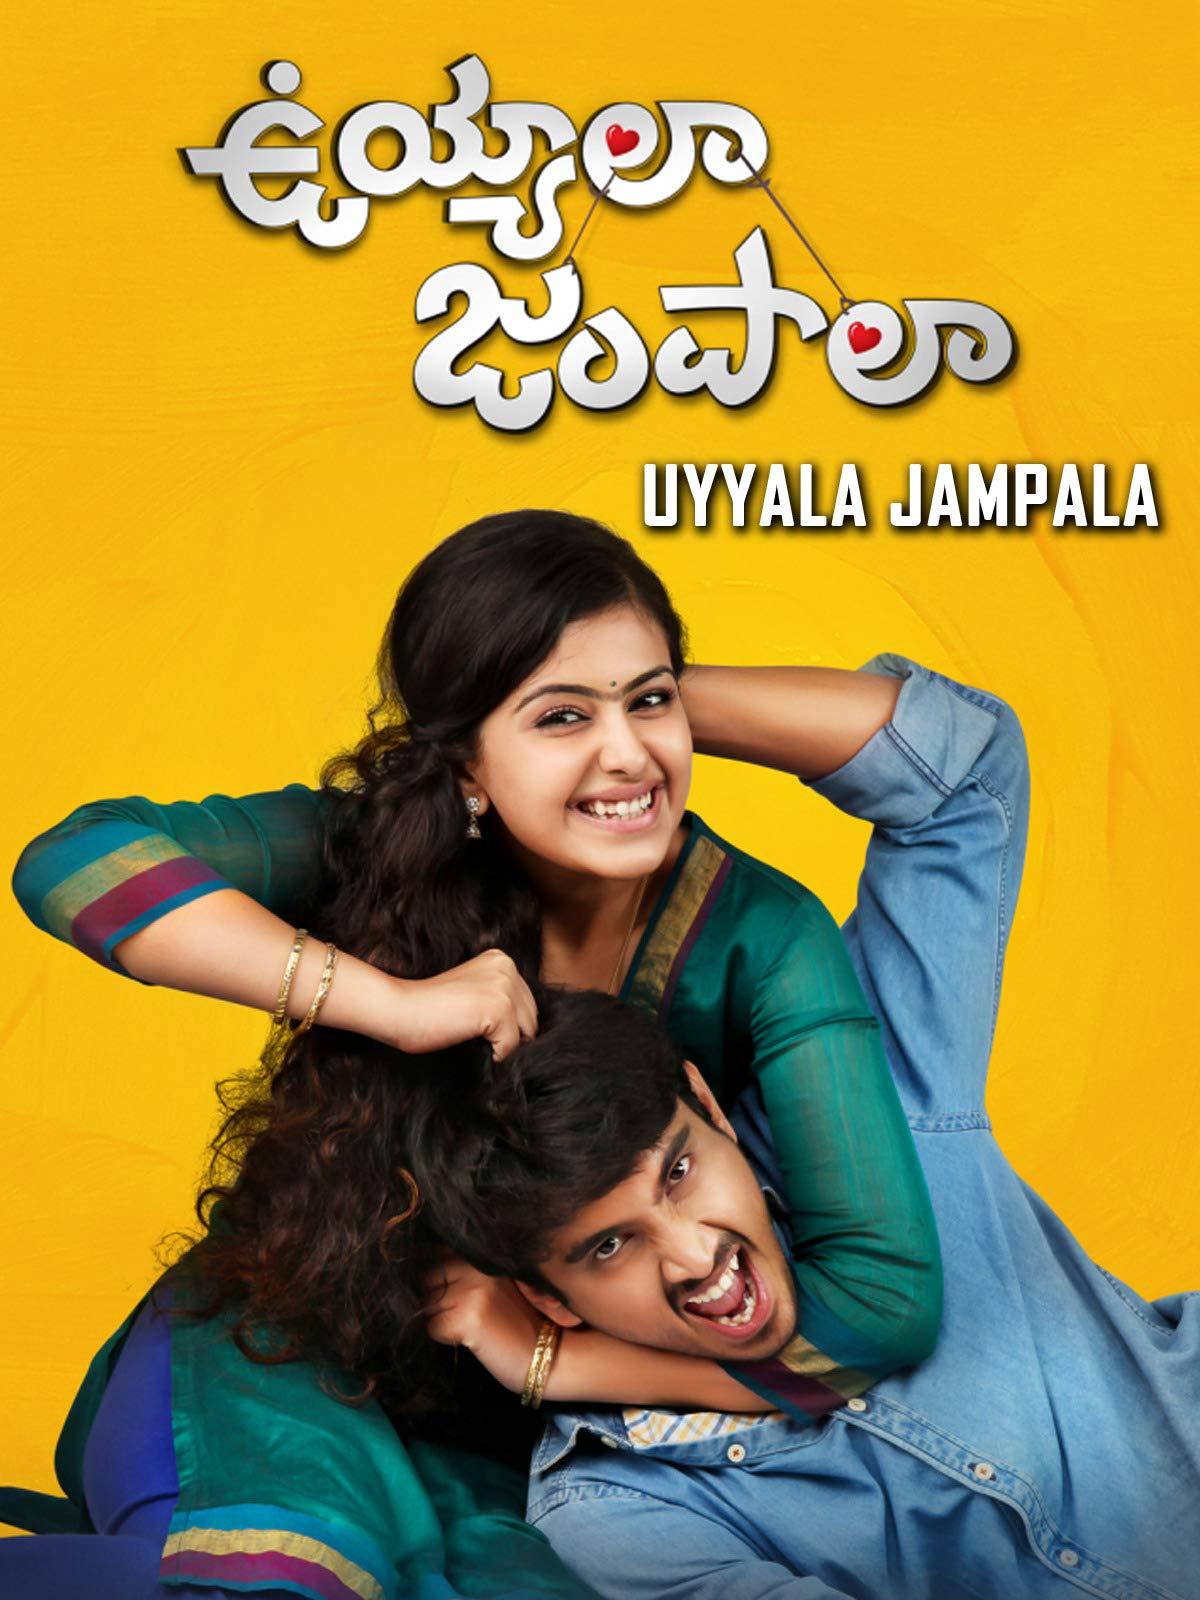 Uyyala Jampala on Amazon Prime Video UK